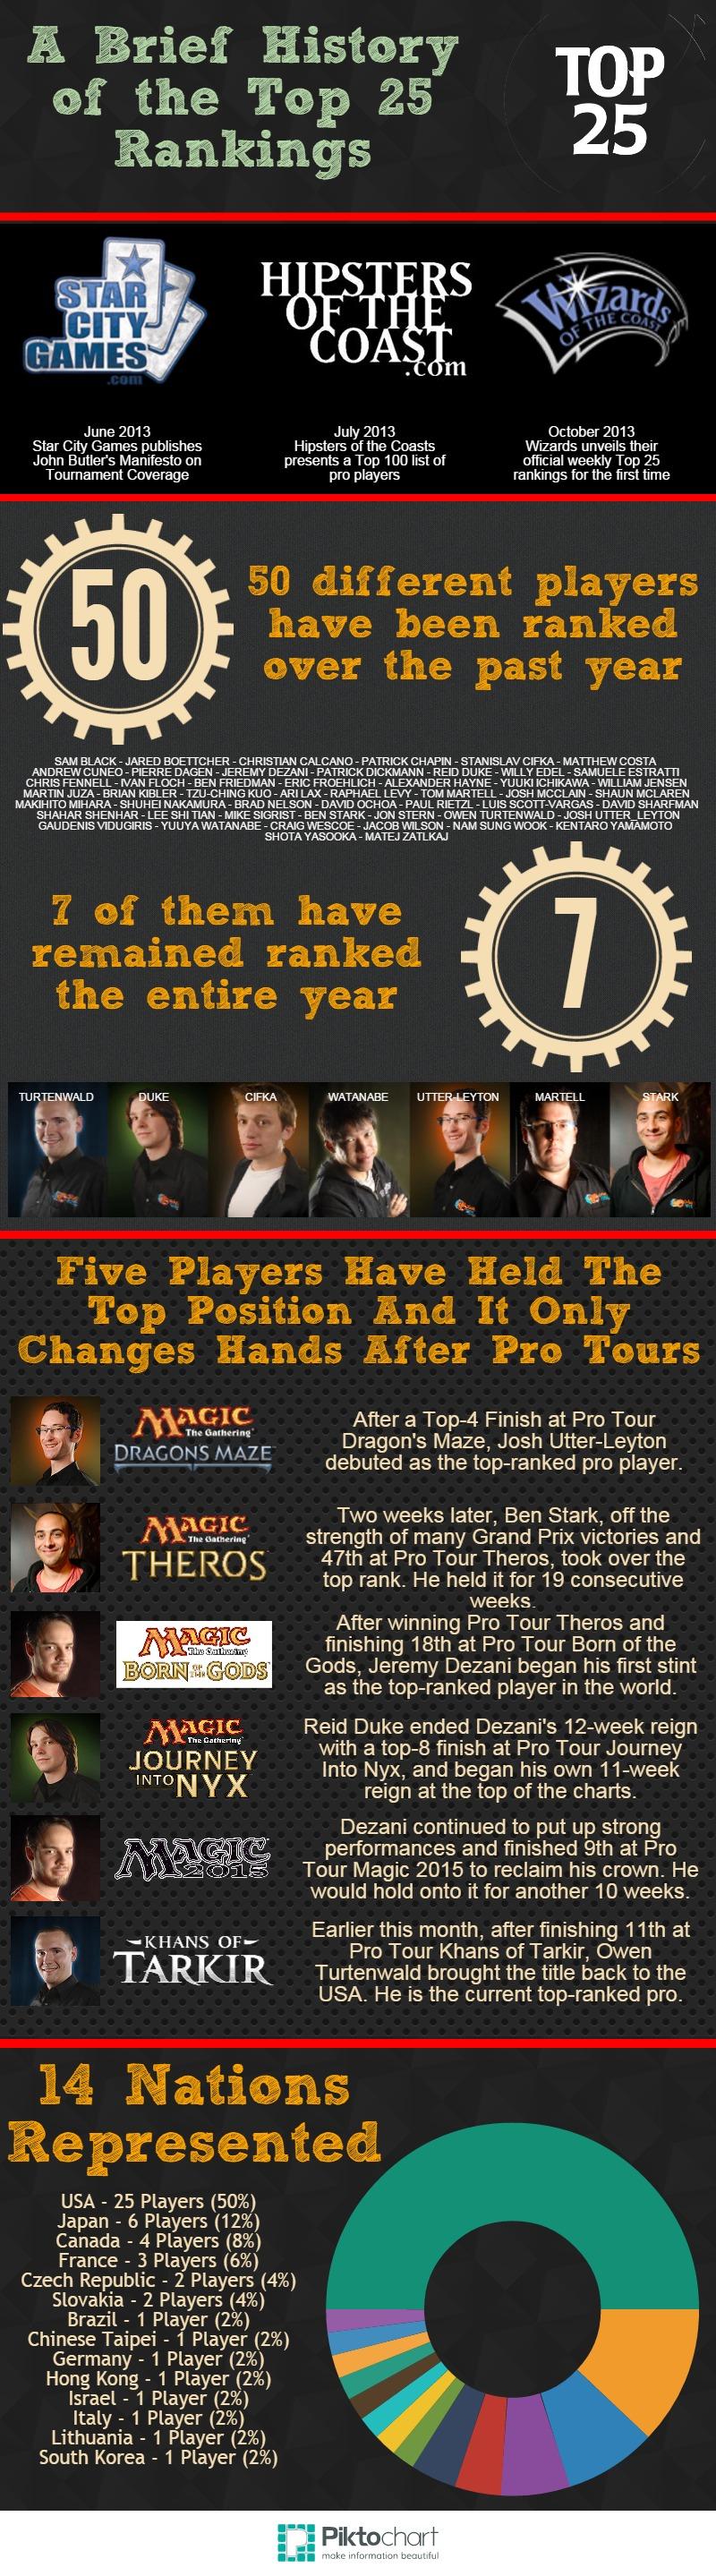 MTG Top 25 Rankings 13 Mos.